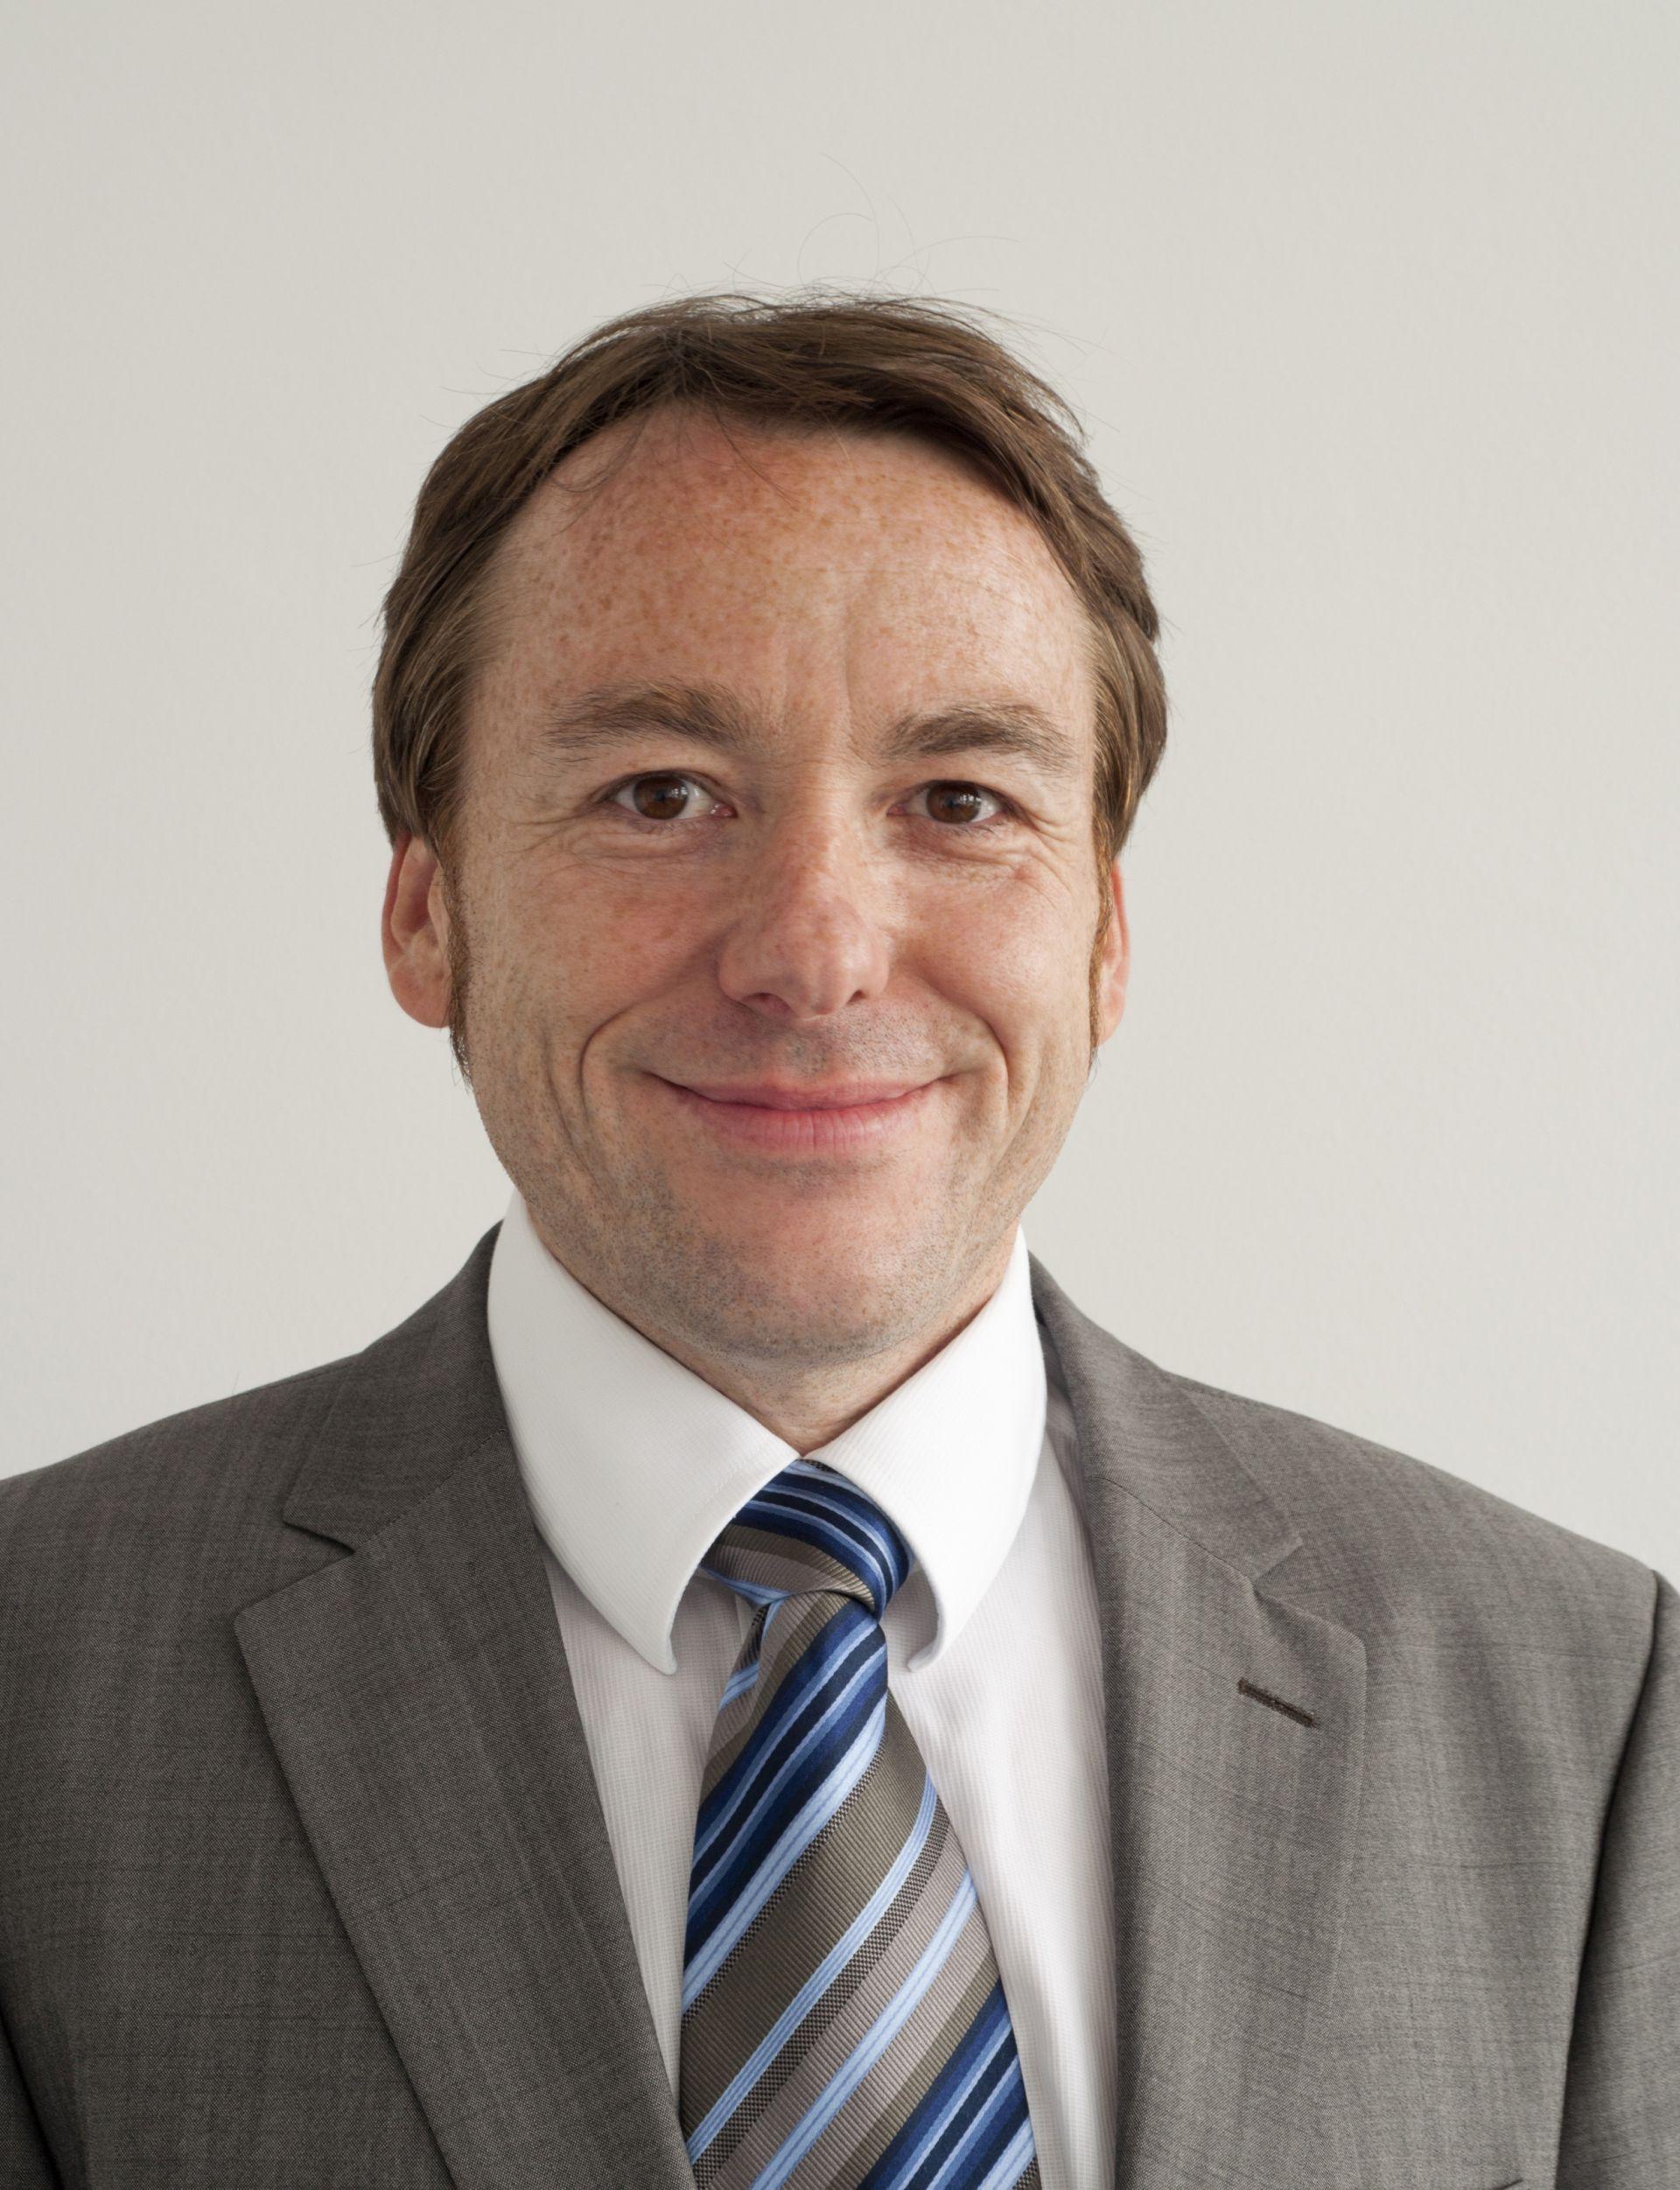 Rüdiger Marten ist Area Sales Manager bei Heinrichs  Messtechnik